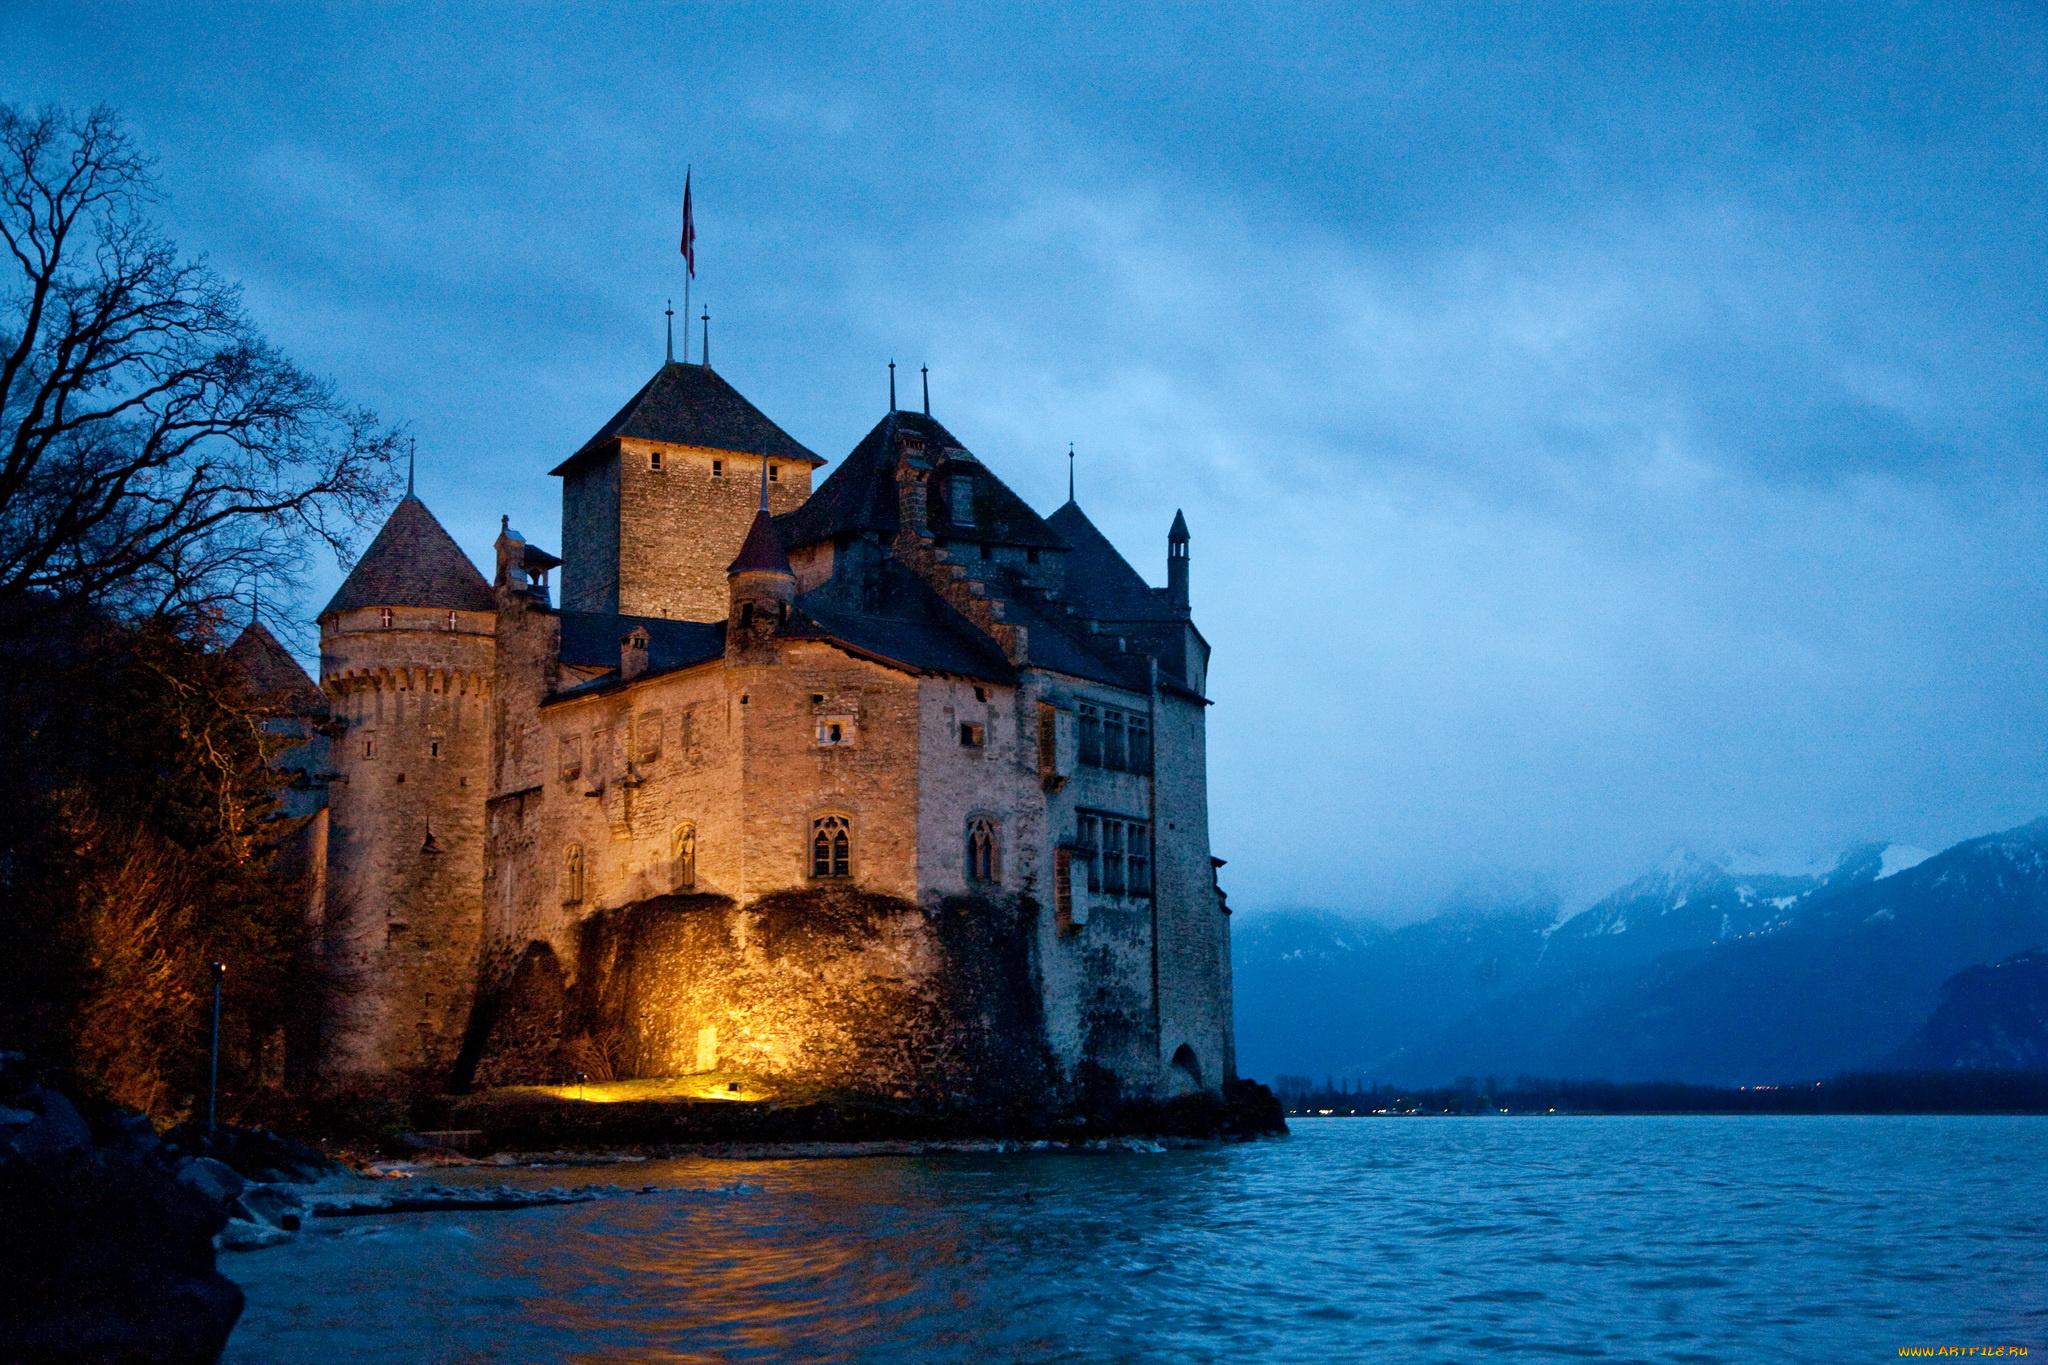 Замок швейцария вечер  № 2569406 без смс